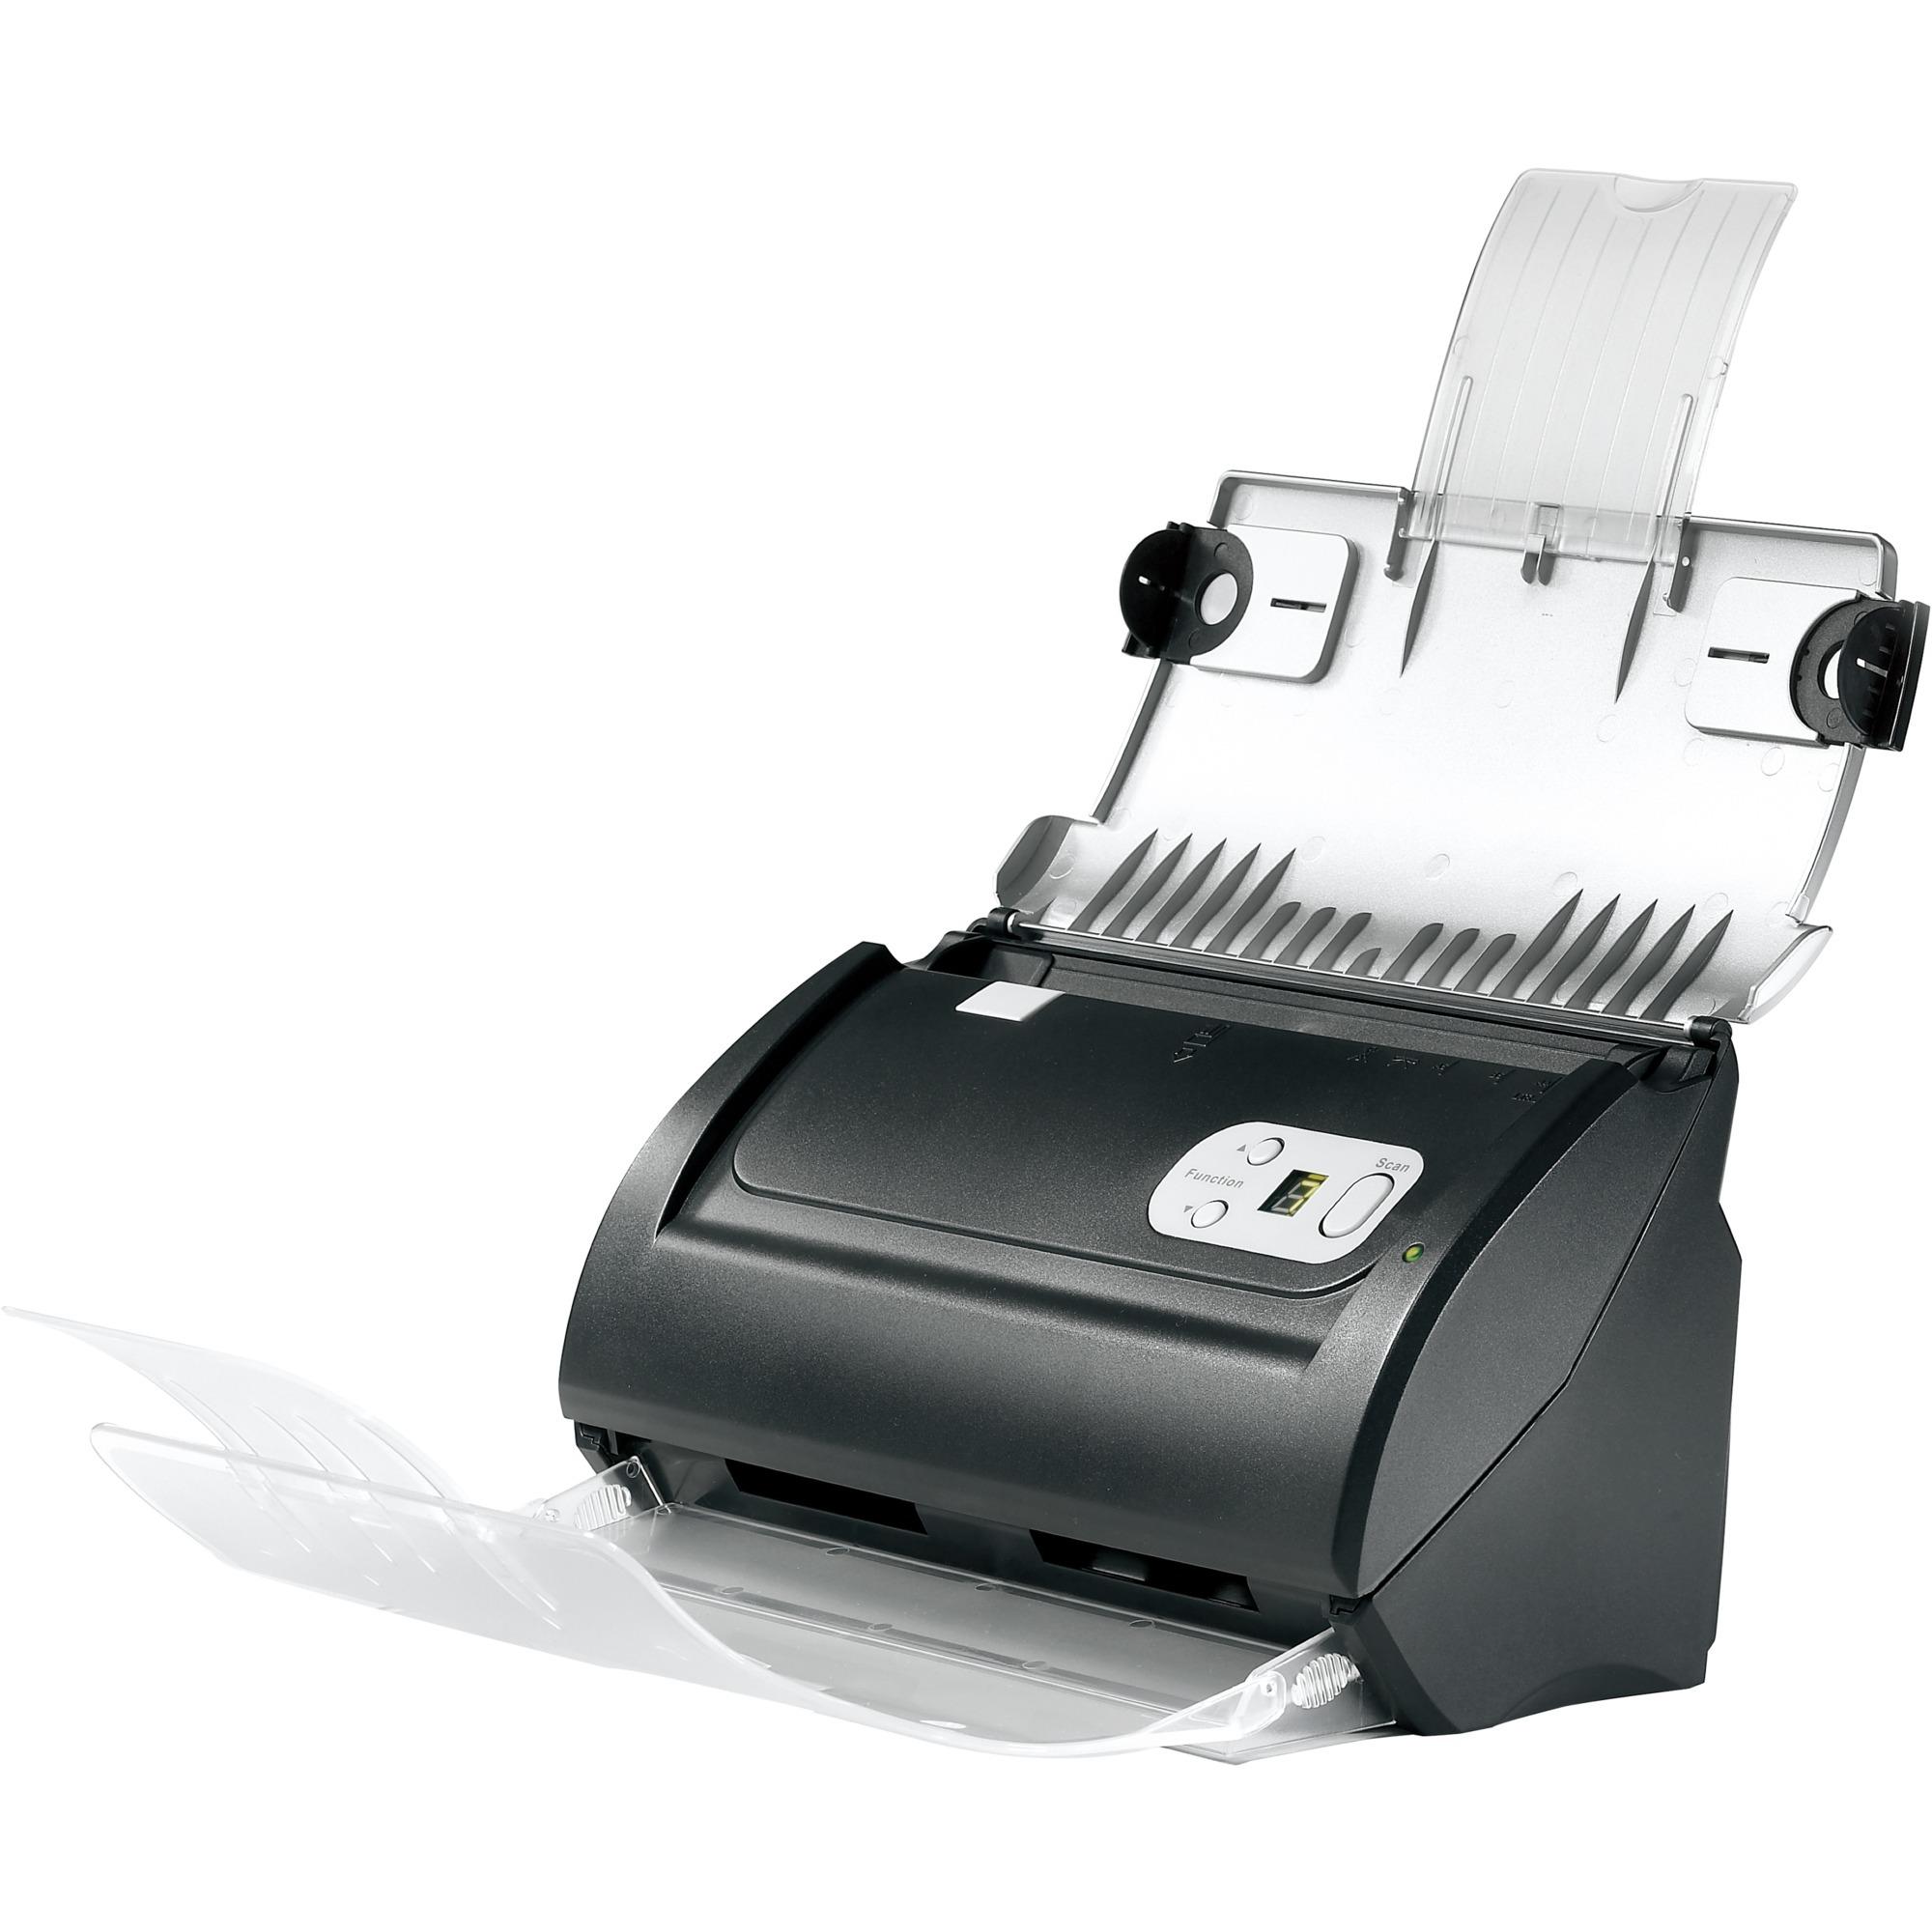 SmartOffice PS186 Escáner con alimentador automático de documentos (ADF) 600 x 600DPI A4 Negro, Plata escaner, Escáner de alimentación de hojas